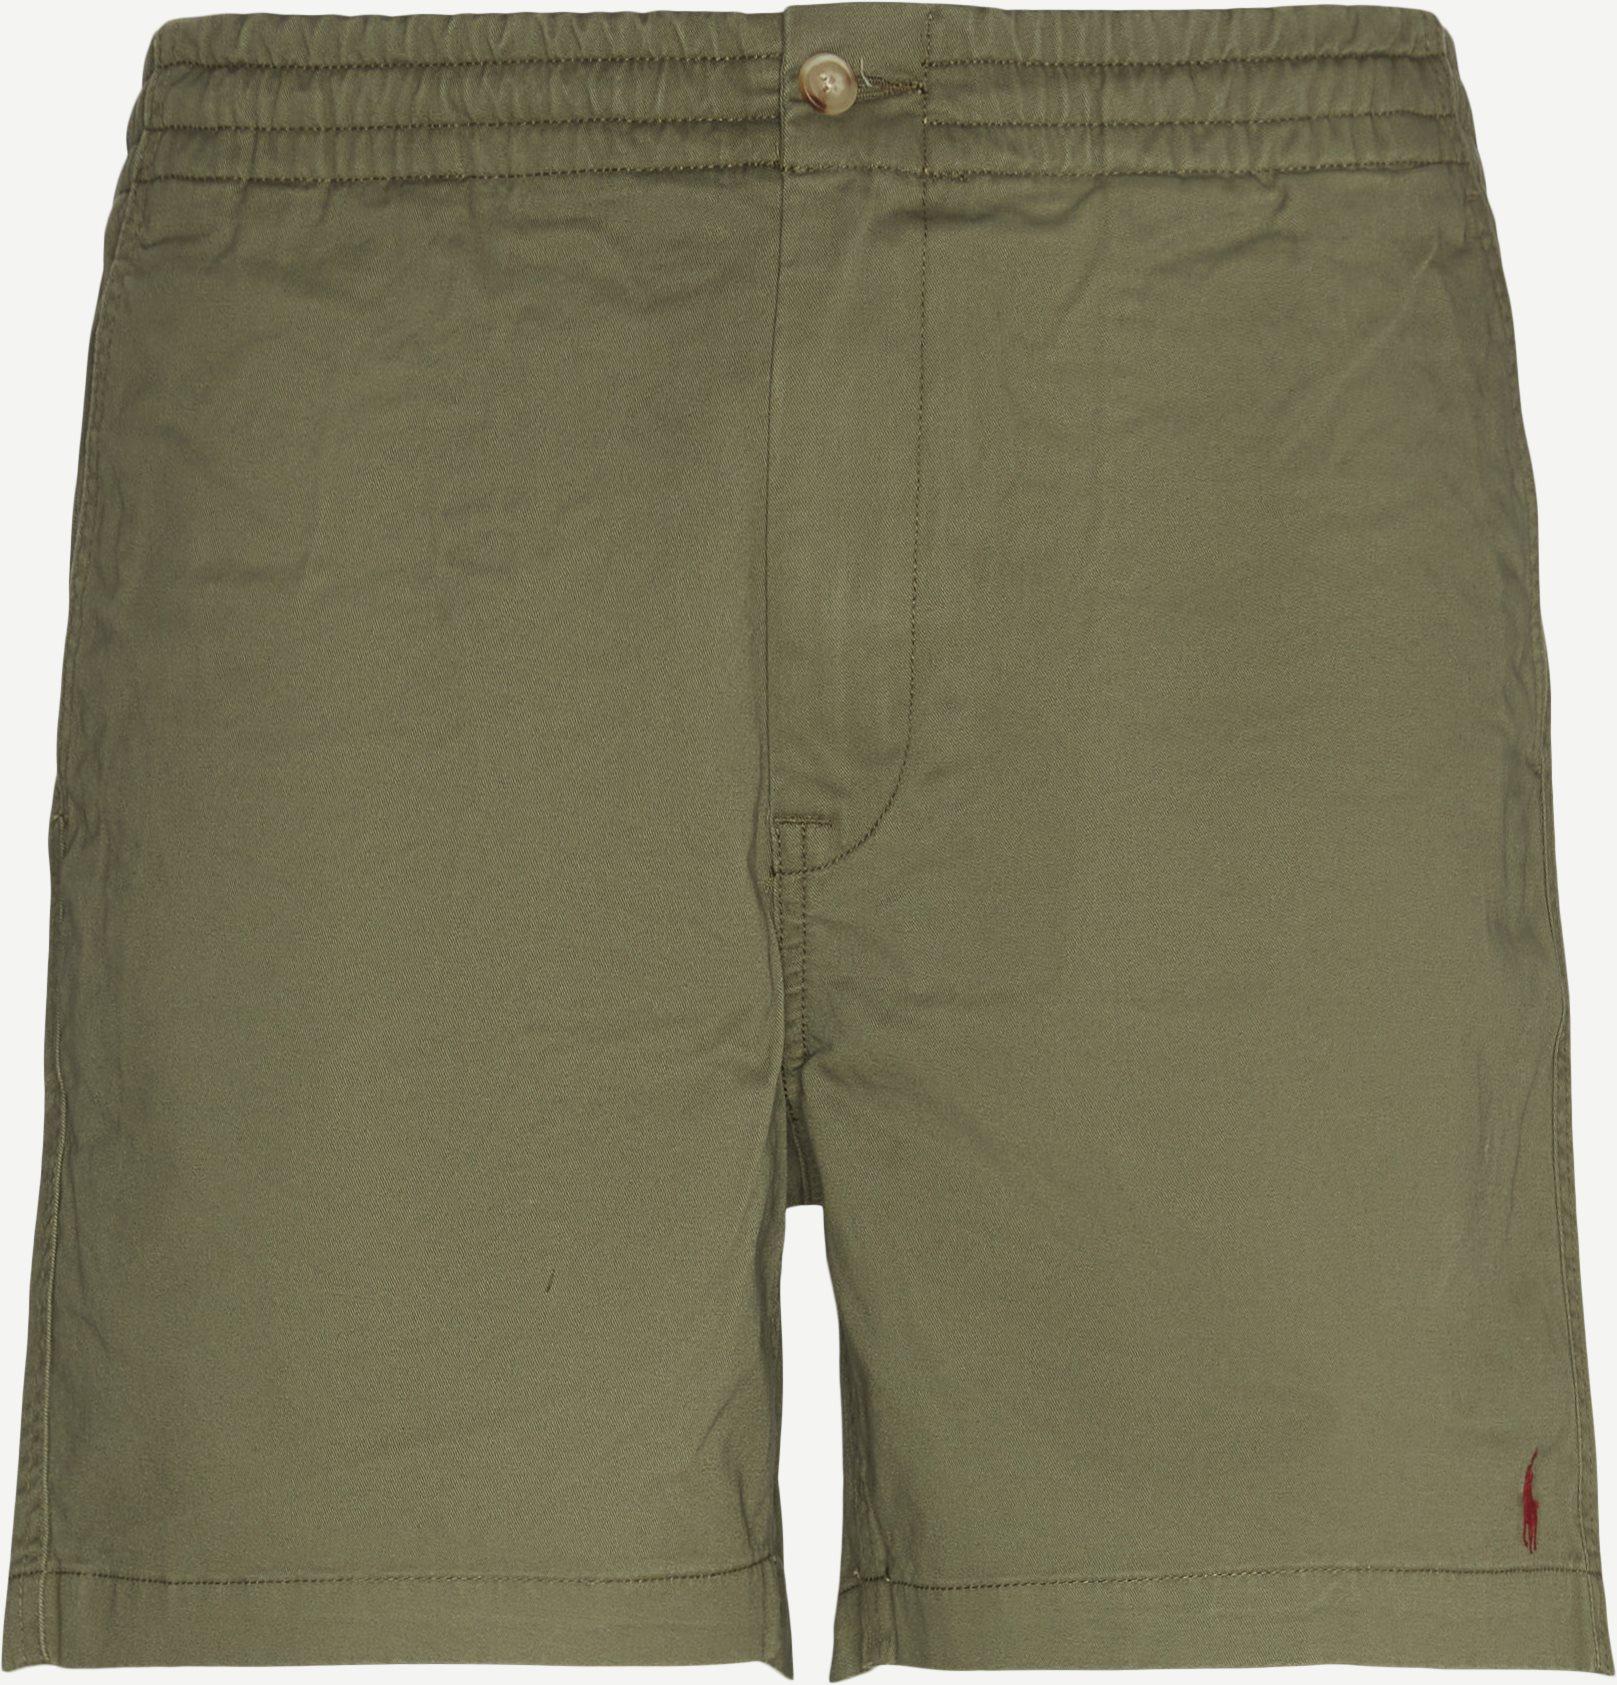 Chino Shorts - Shorts - Regular fit - Army